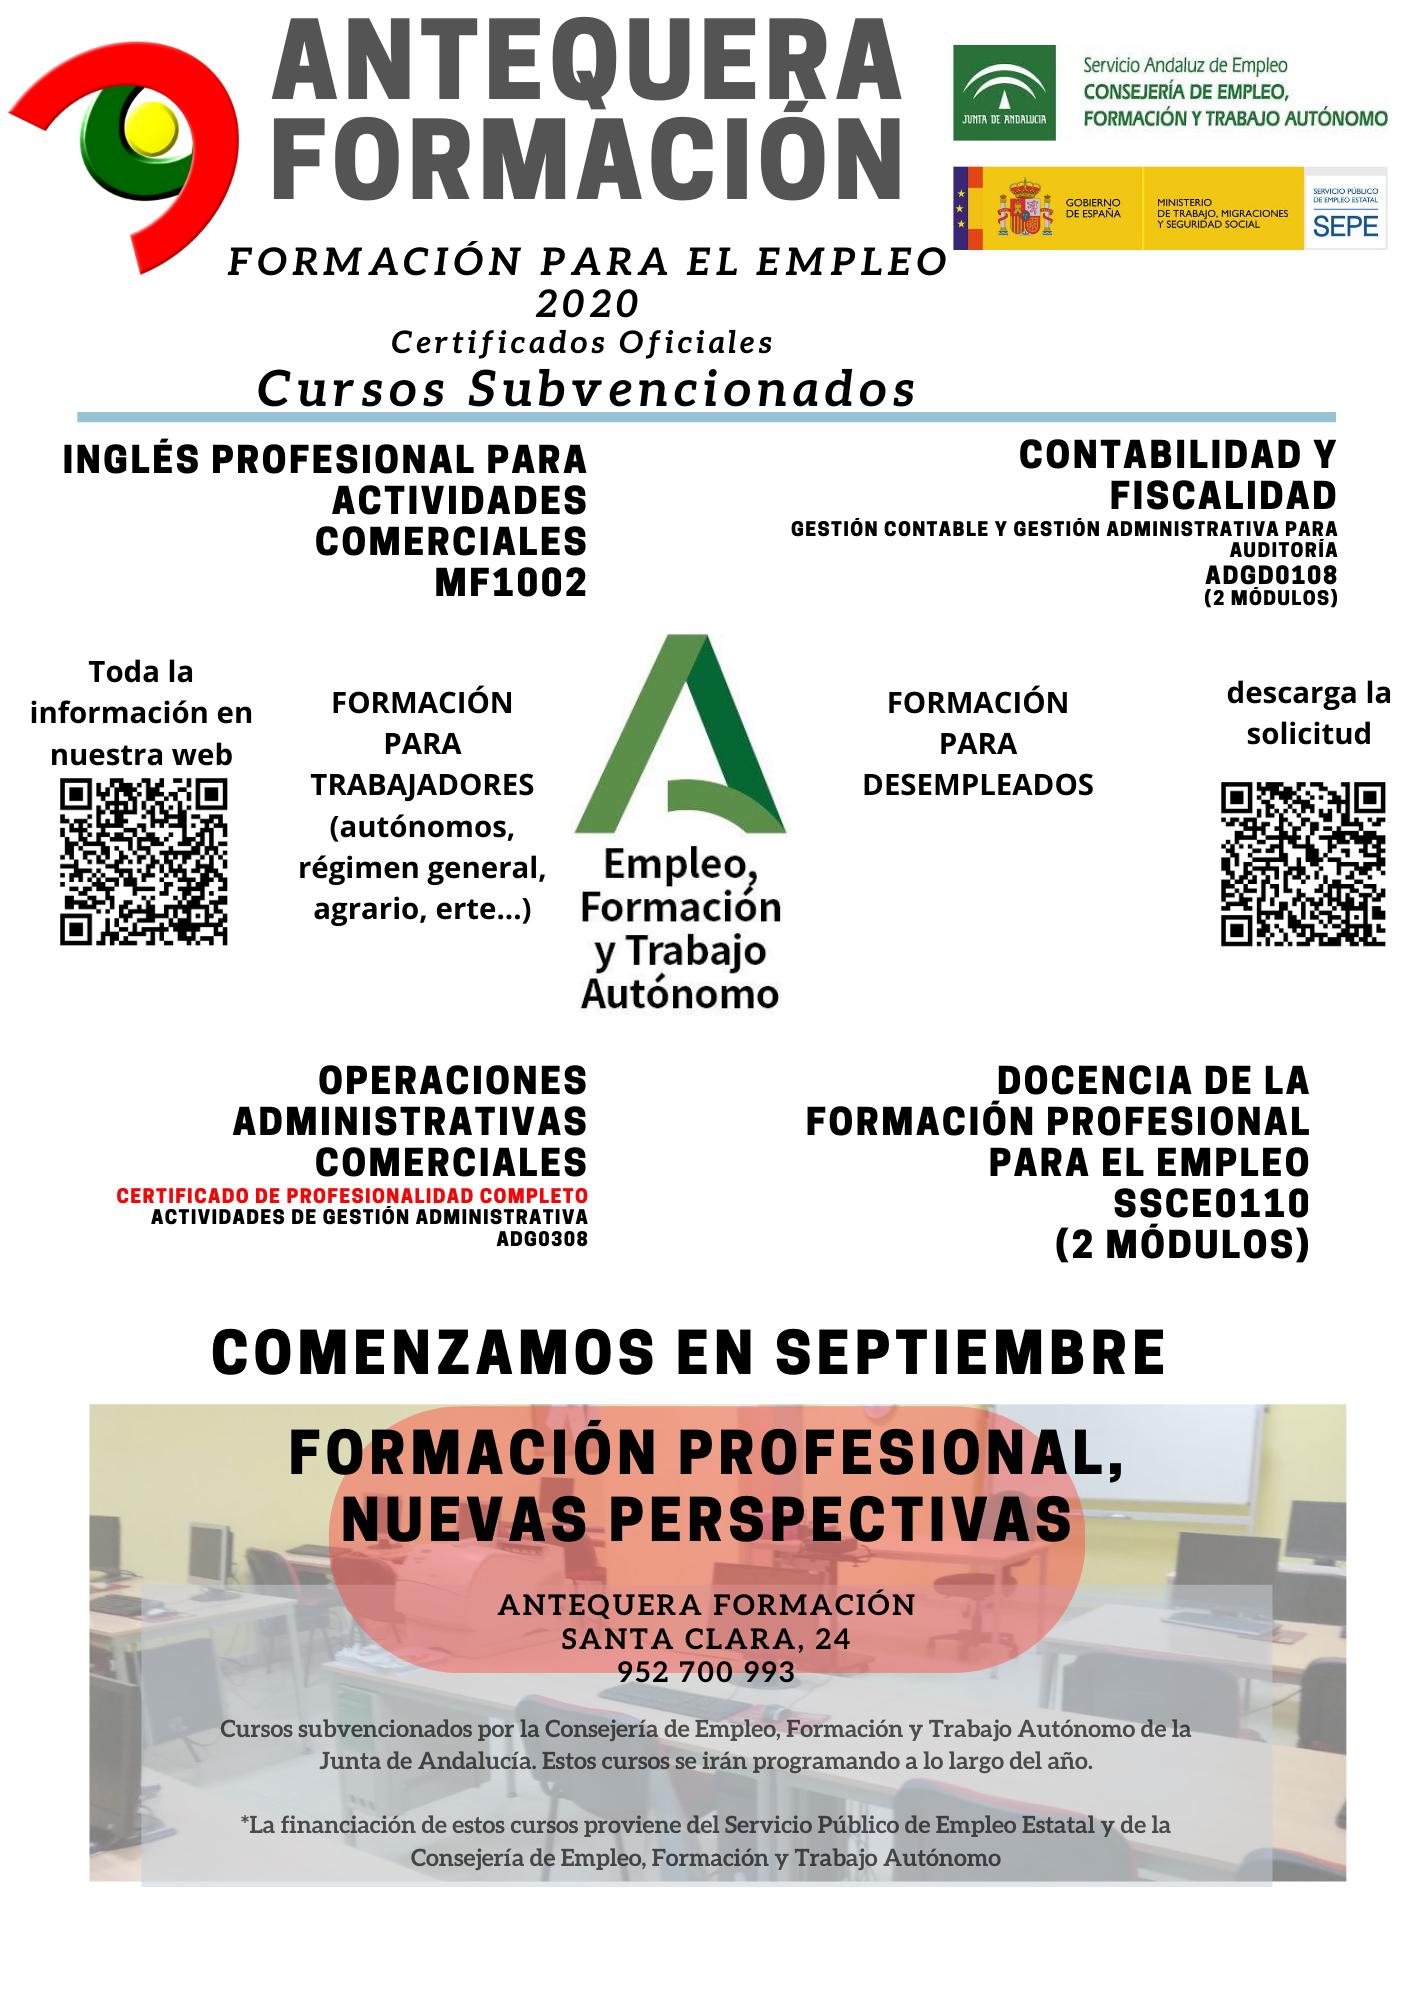 Aforweb Antequera Formacion Certificados De Profesionalidad Oficiales En Antequera Formacion